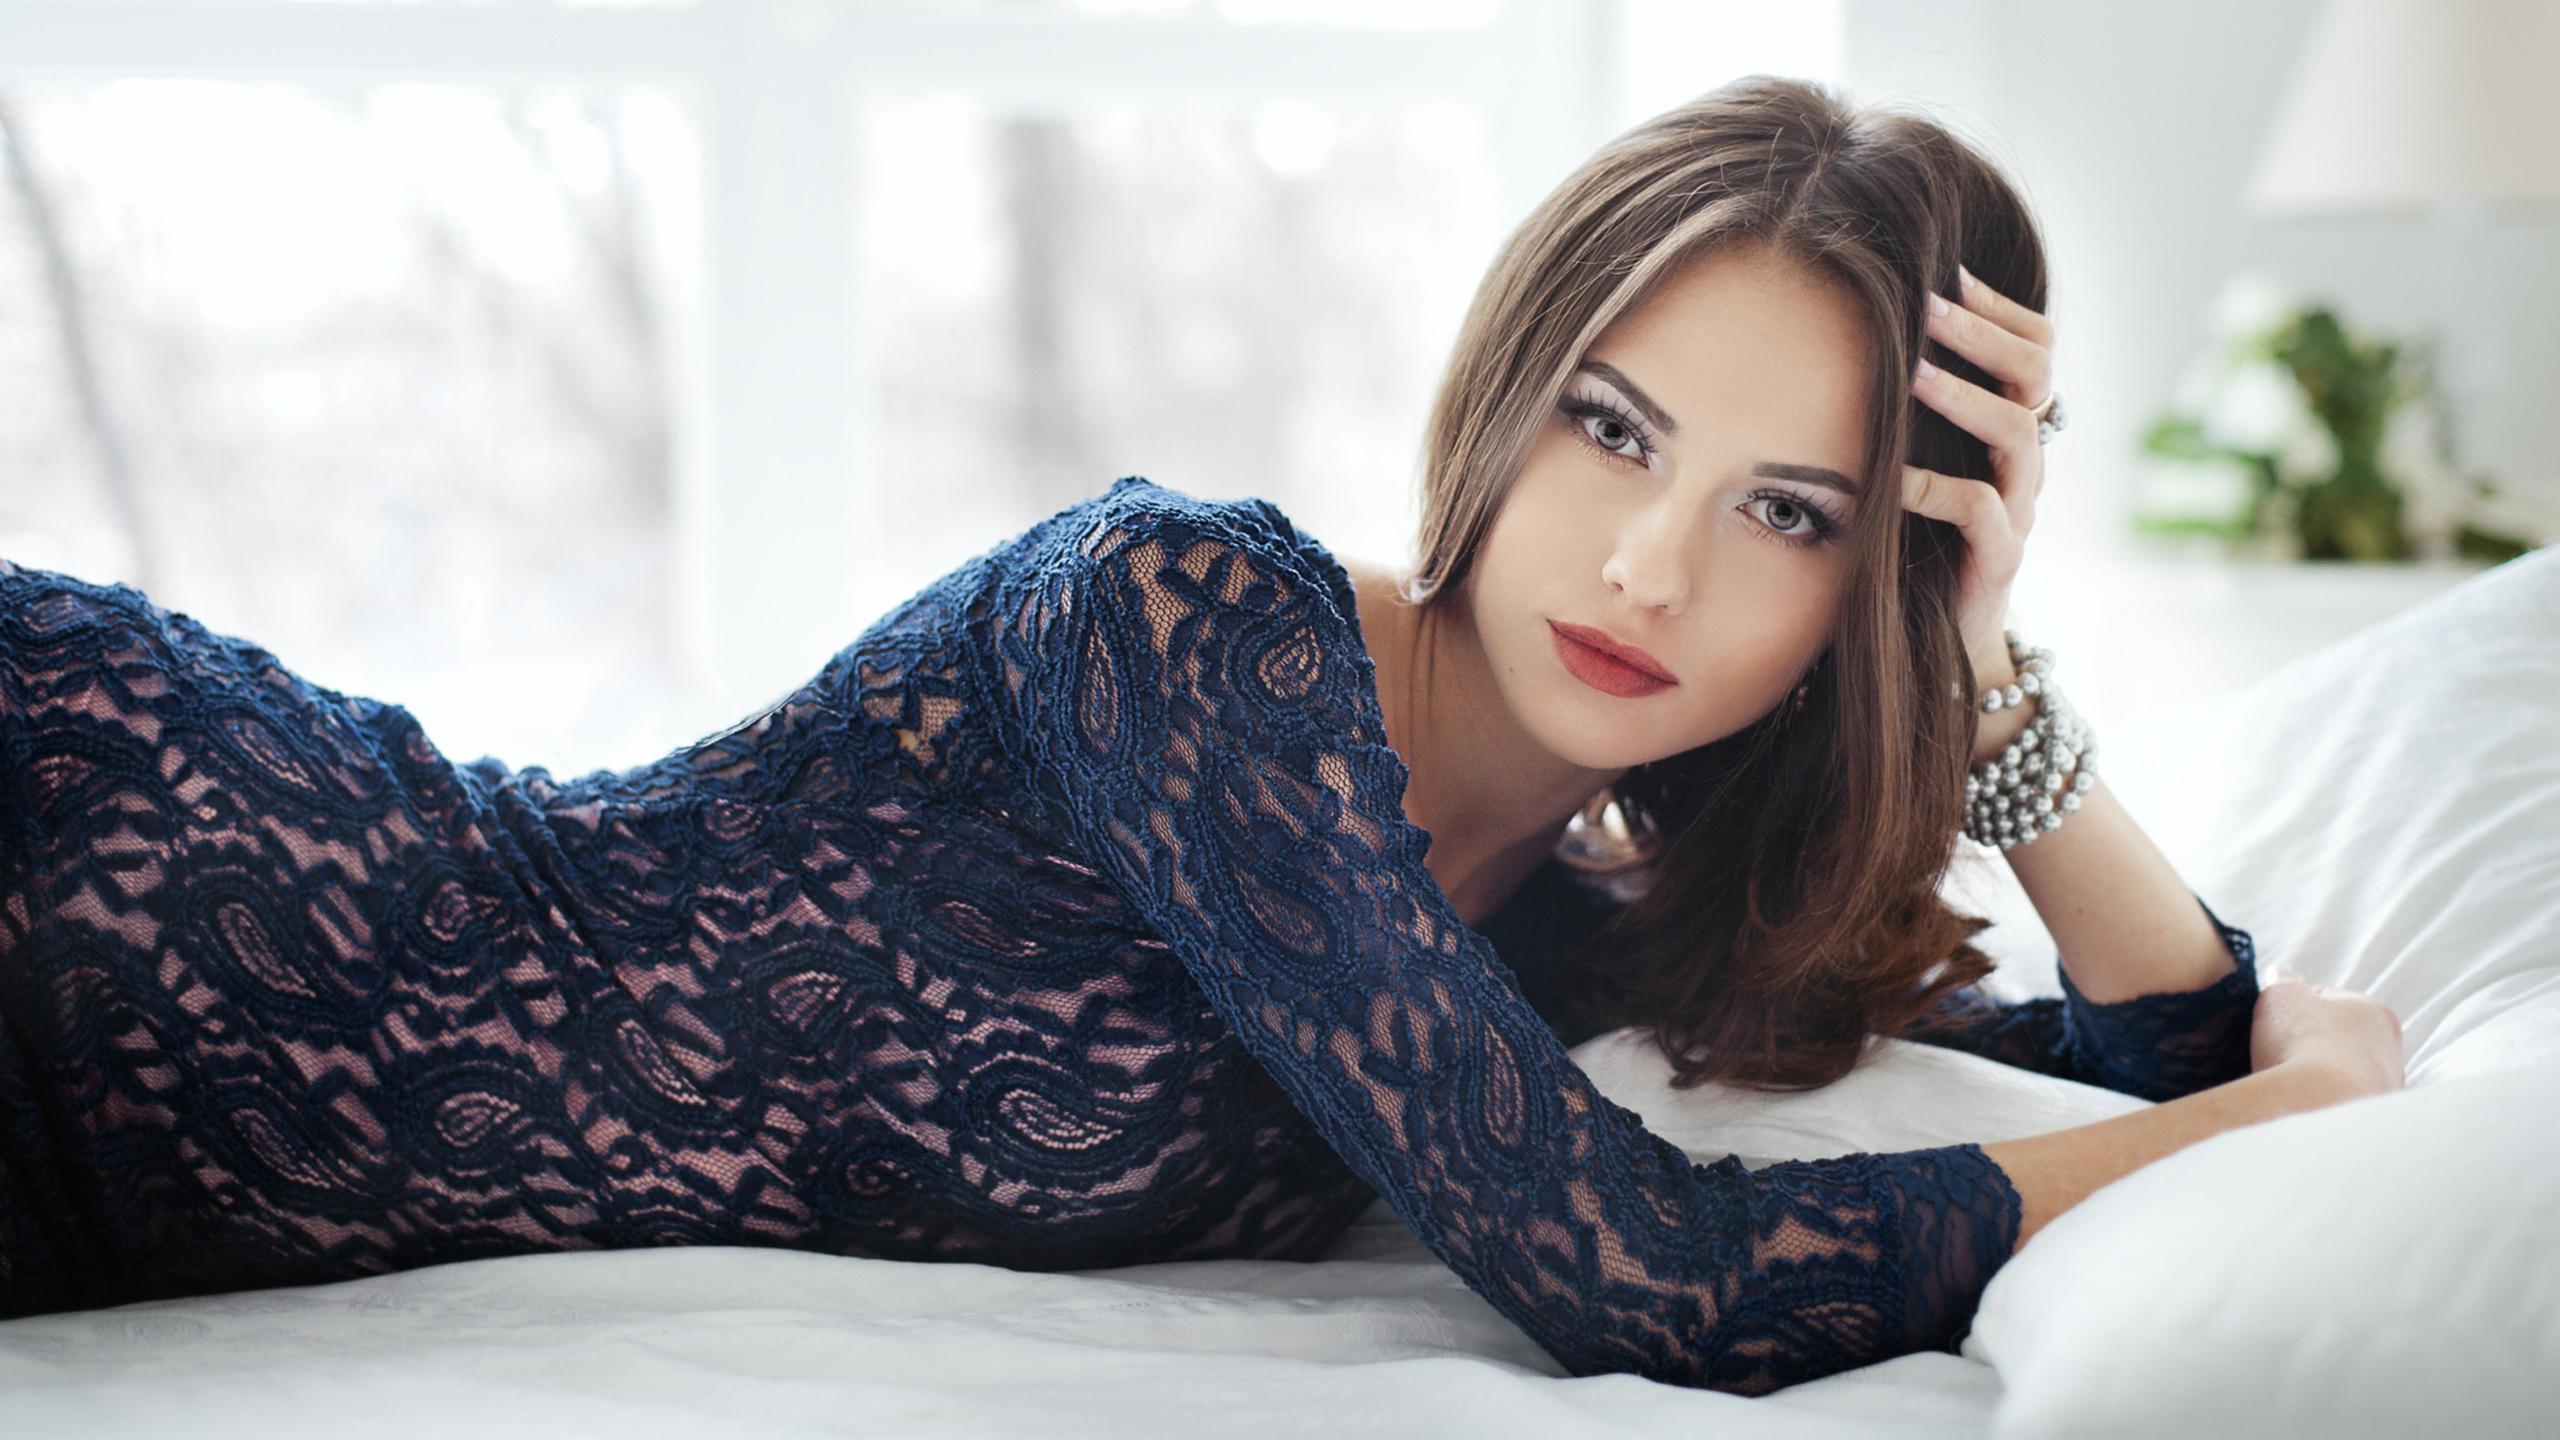 девушка, лежит, в платье, очень красивое лицо, позирует, постель